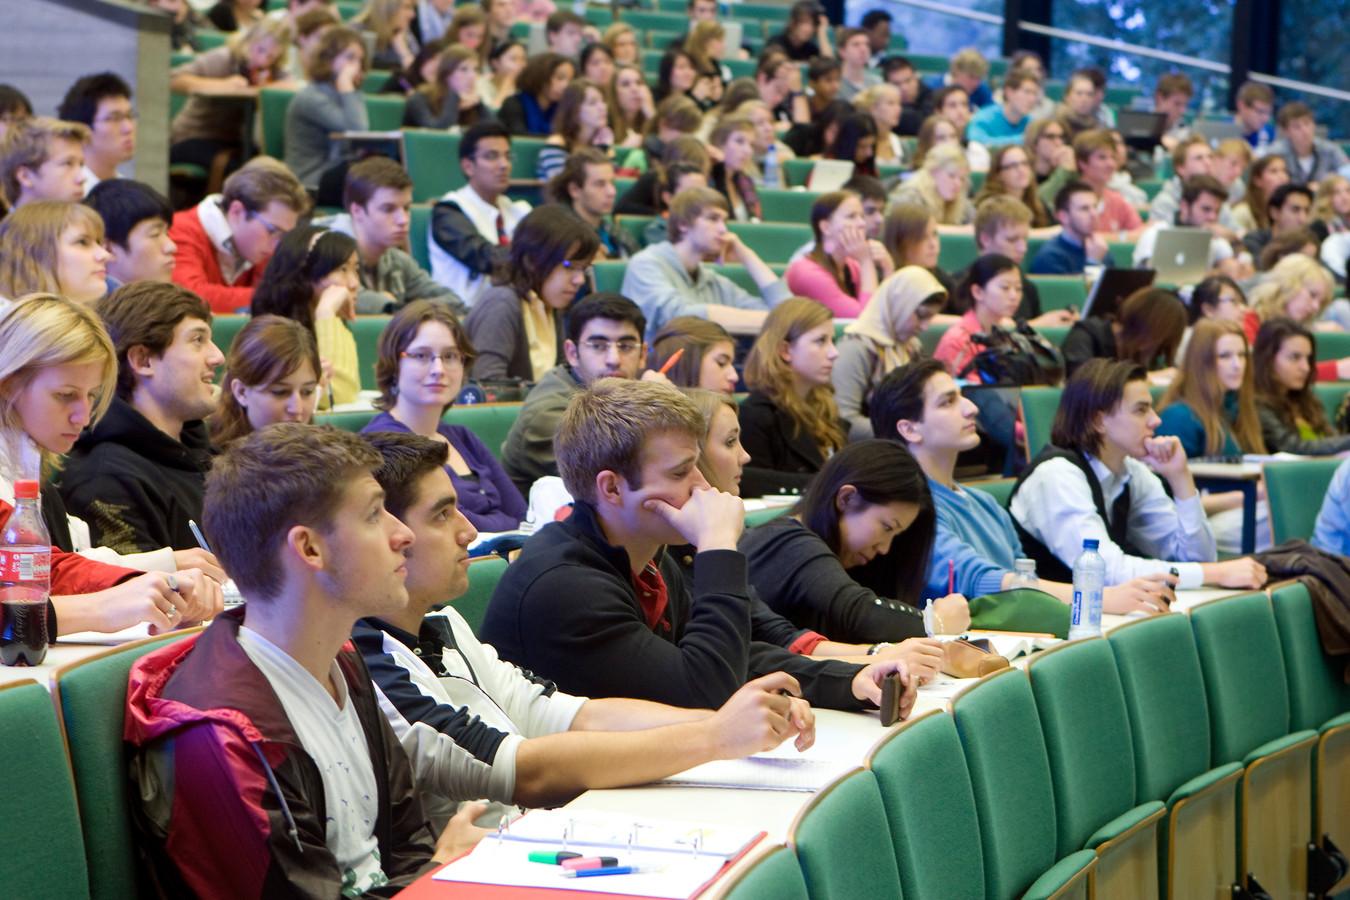 Studenten in collegezaal van de Erasmus Universiteit. Foto ter illustratie.